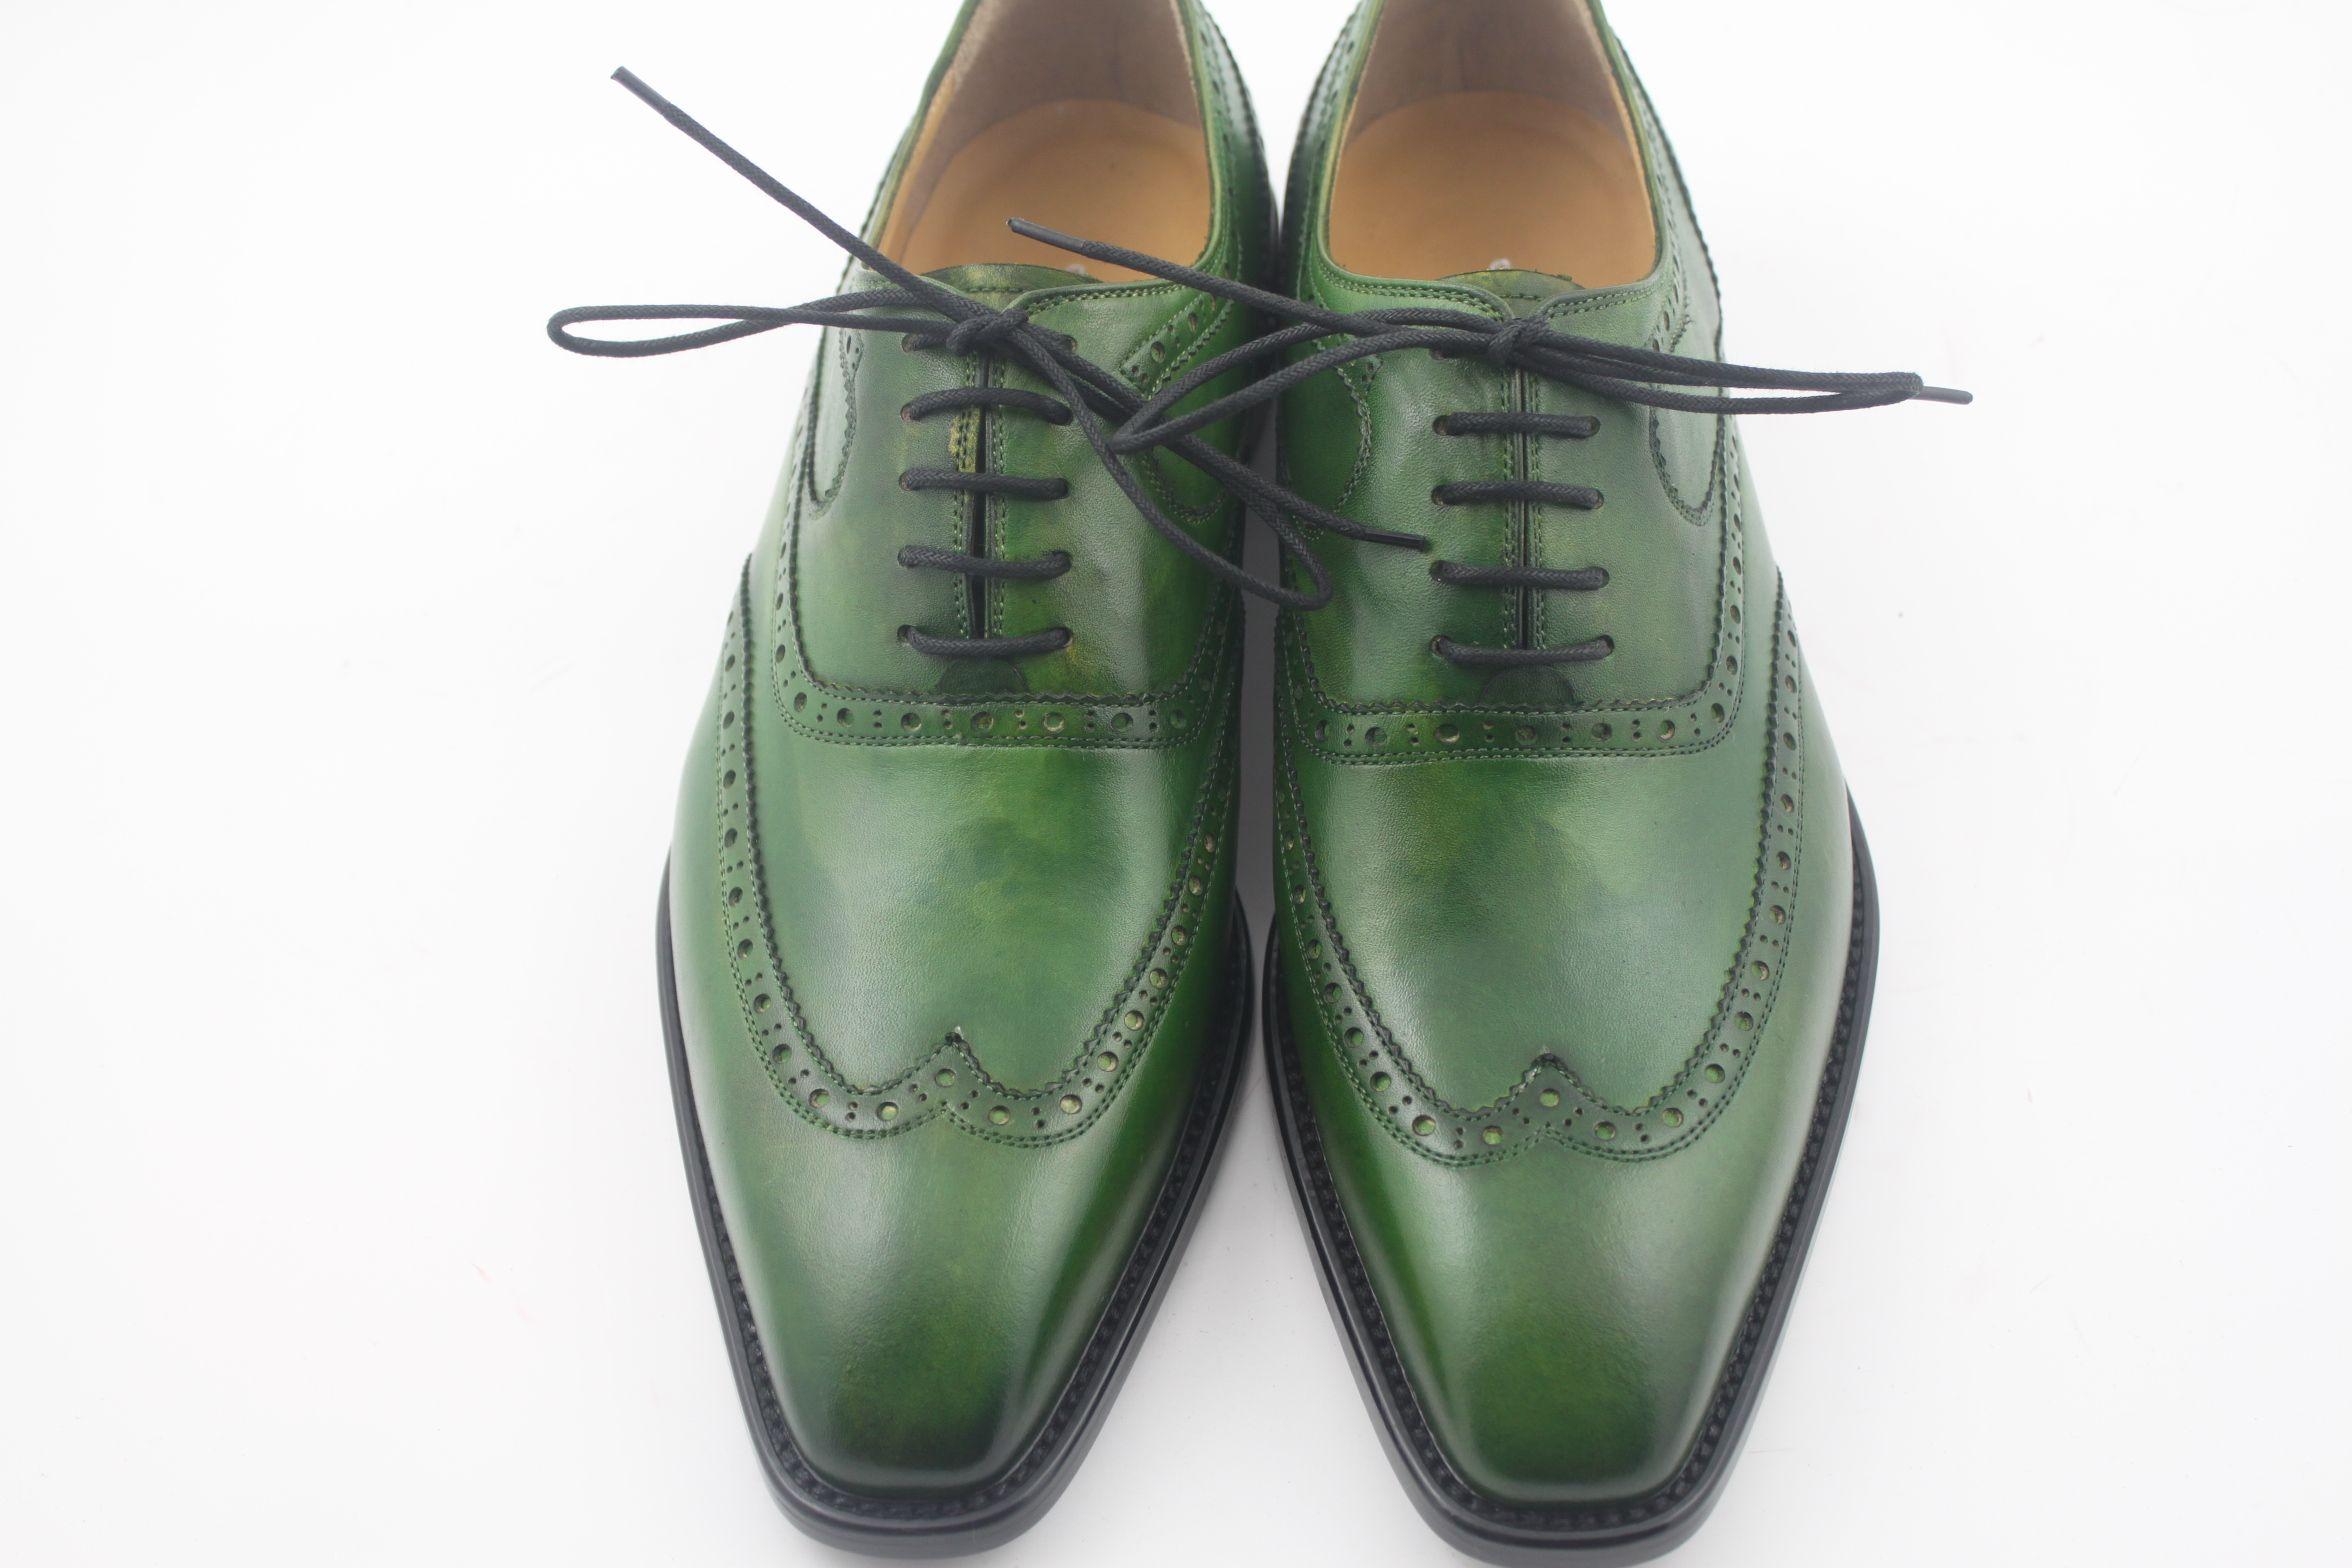 Mens Oxfords Dress Shoes